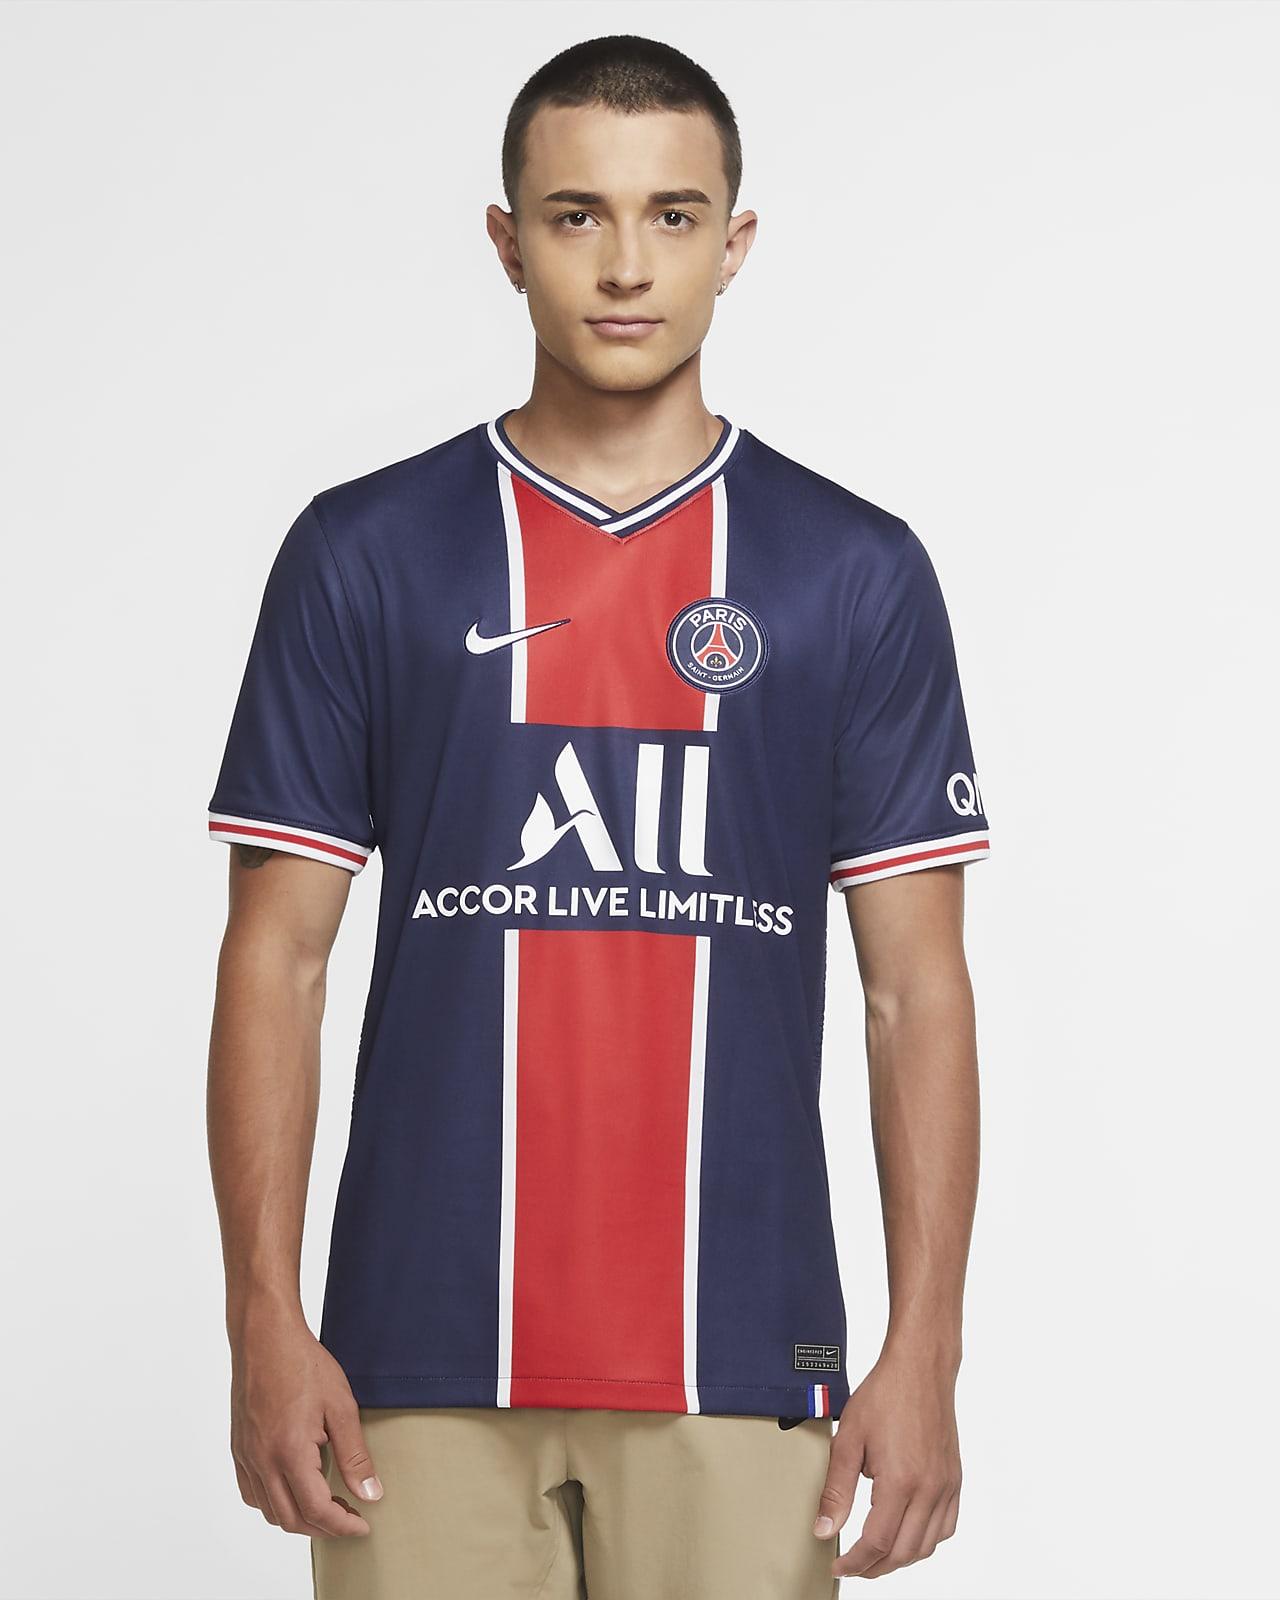 เสื้อแข่งฟุตบอลผู้ชาย Paris Saint-Germain 2020/21 Stadium Home